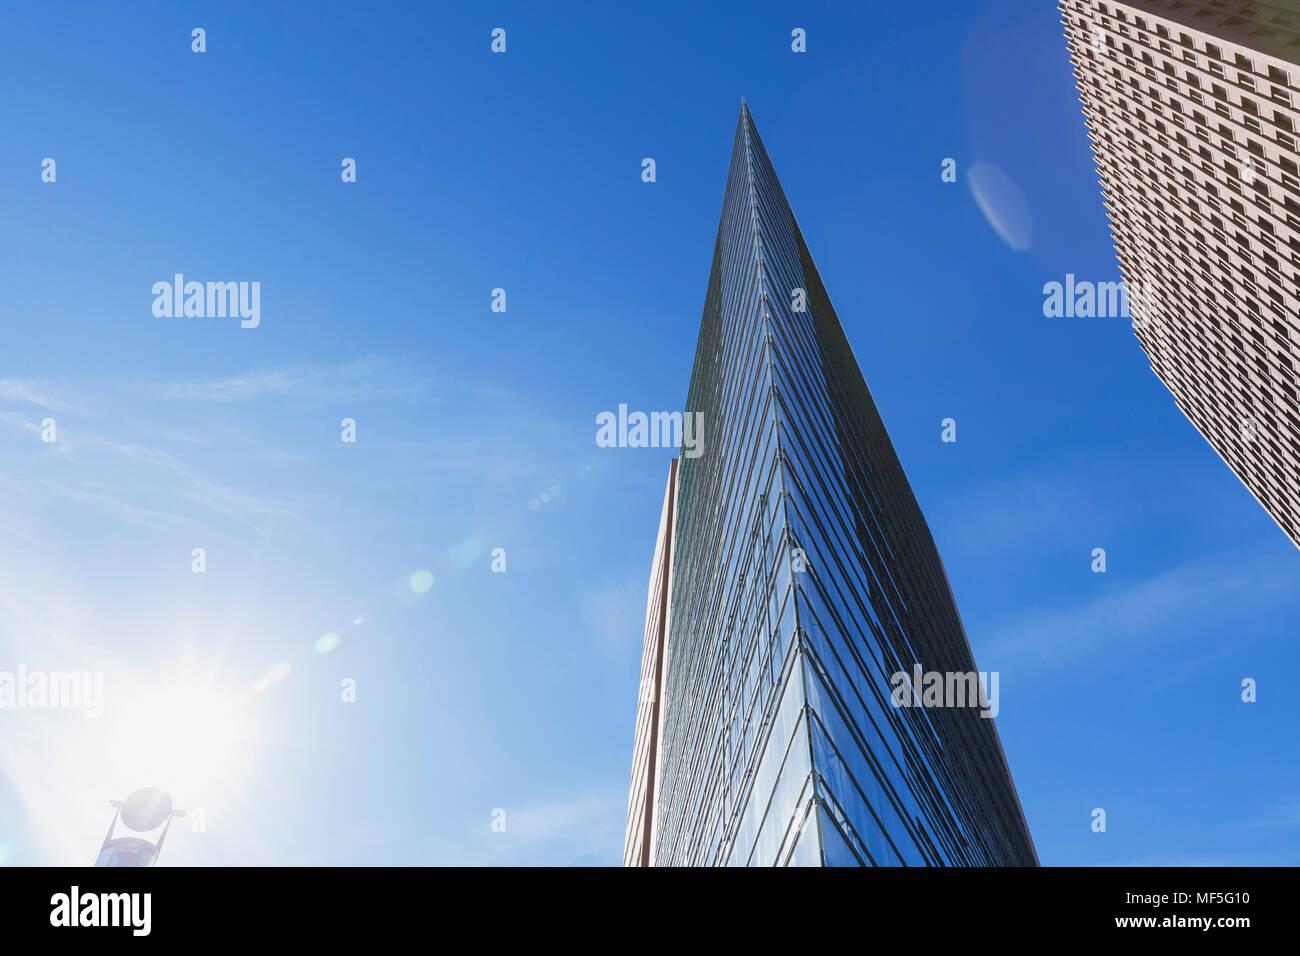 Germania, Berlino, grattacieli in Potsdamer Platz visto da sotto Immagini Stock